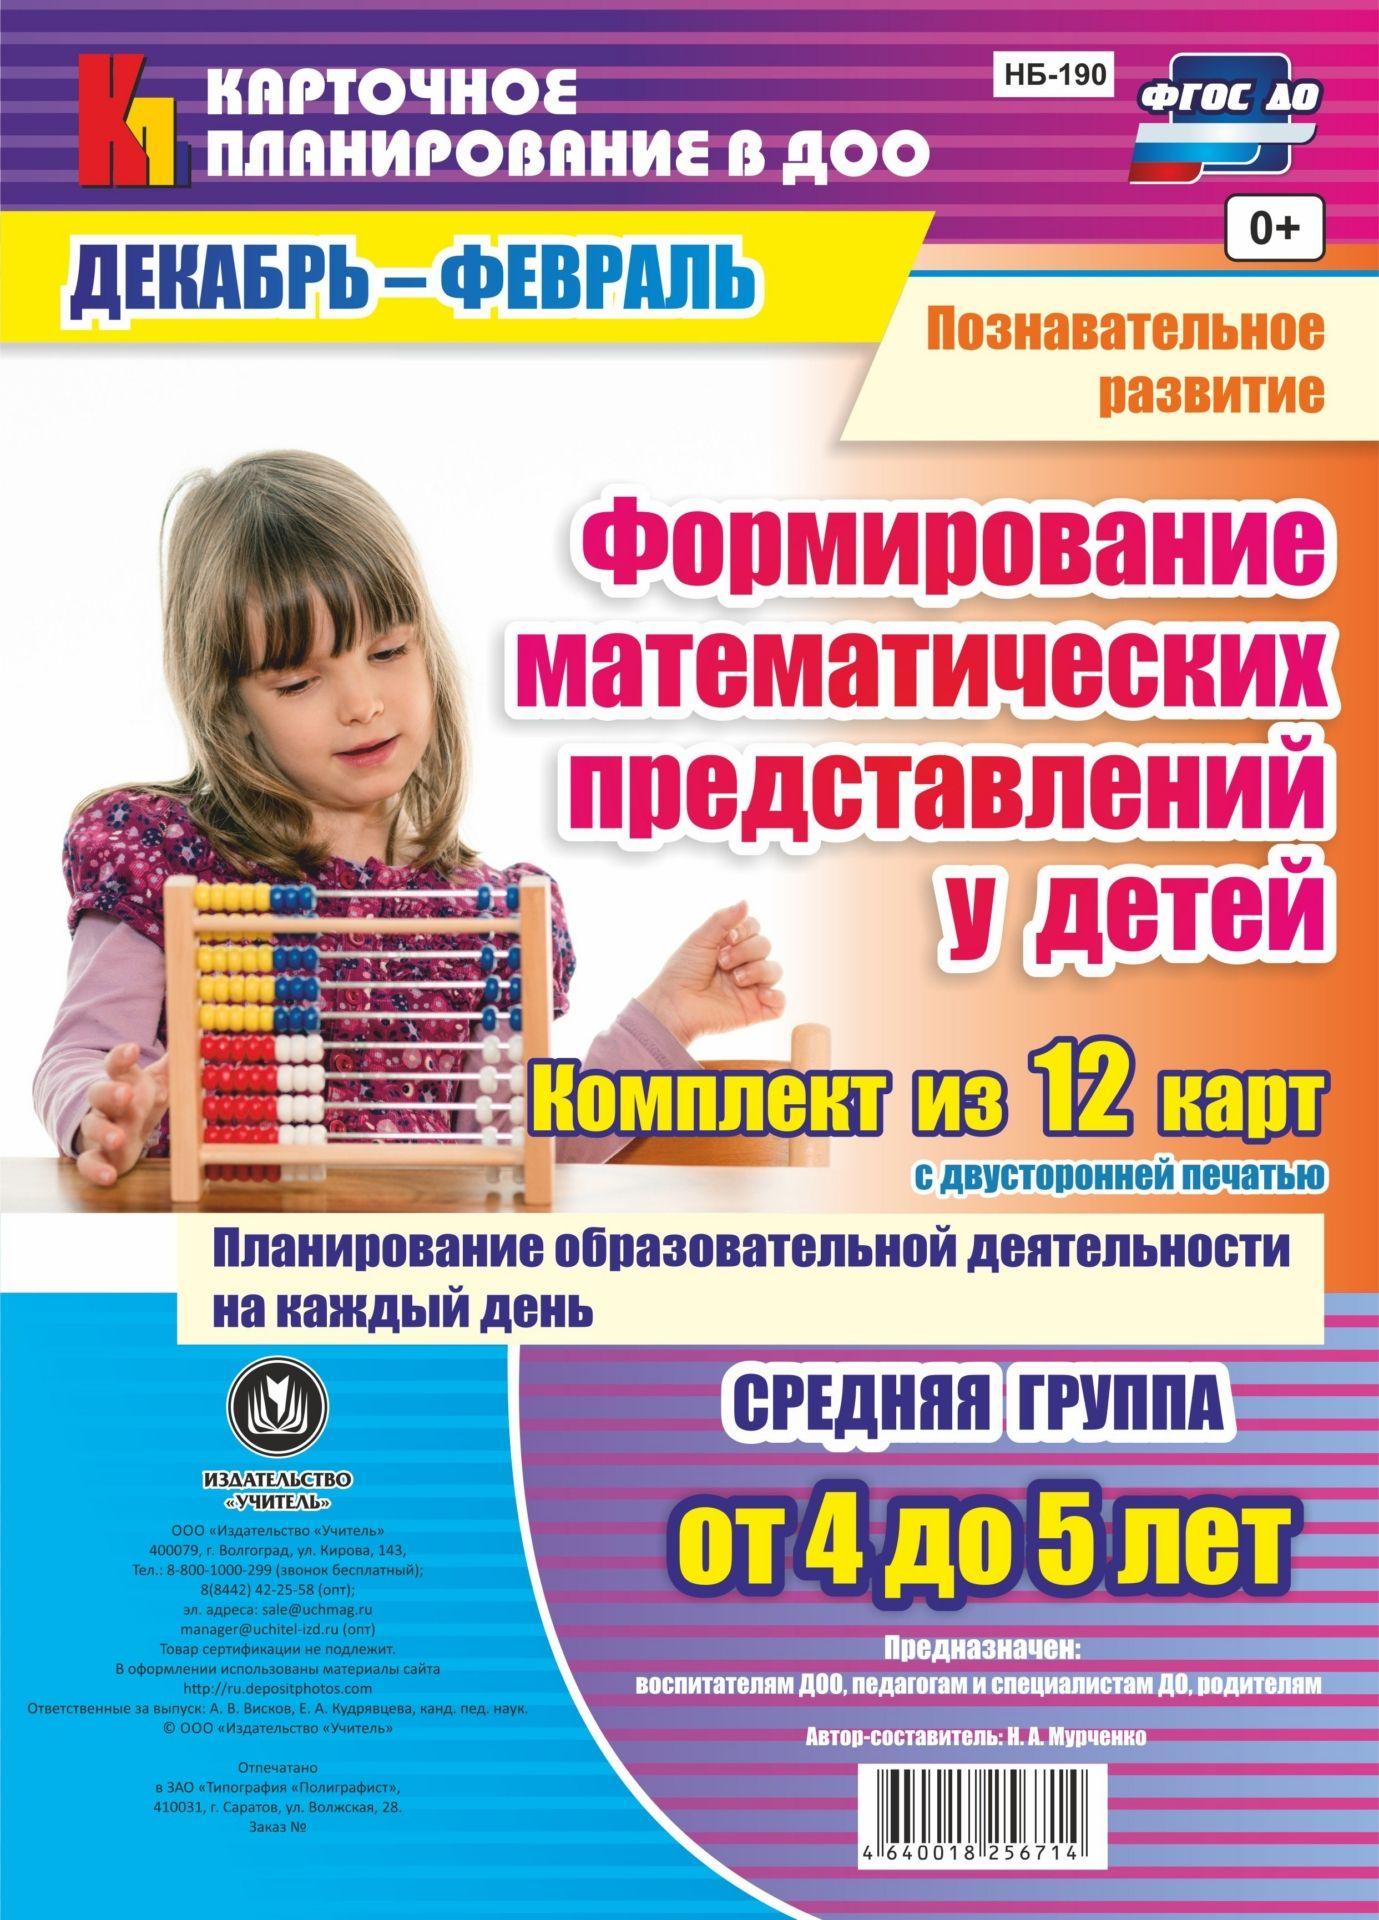 Познавательное развитие. Формирование математических представлений детей. Планирование образовательной деятельности на каждый день. Средняя группа (от 4 до 5 лет). Декабрь-февраль: комплект из 12 карт с двусторонней печатьюОбразовательное пространство ДОО<br>Предложен комплект из 12 карт с описанием игр на каждый день, разработанных на основе ФГОС ДО, который поможет воспитывающим взрослым (воспитателям и родителям) обогатить социальный опыт и познавательный интерес детей 4-5 лет.Картотека включает разнообраз...<br><br>Авторы: Мурченко Н. А.<br>Год: 2018<br>Серия: Карточное планирование в ДОО<br>Высота: 297<br>Ширина: 210<br>Толщина: 3<br>Переплёт: набор